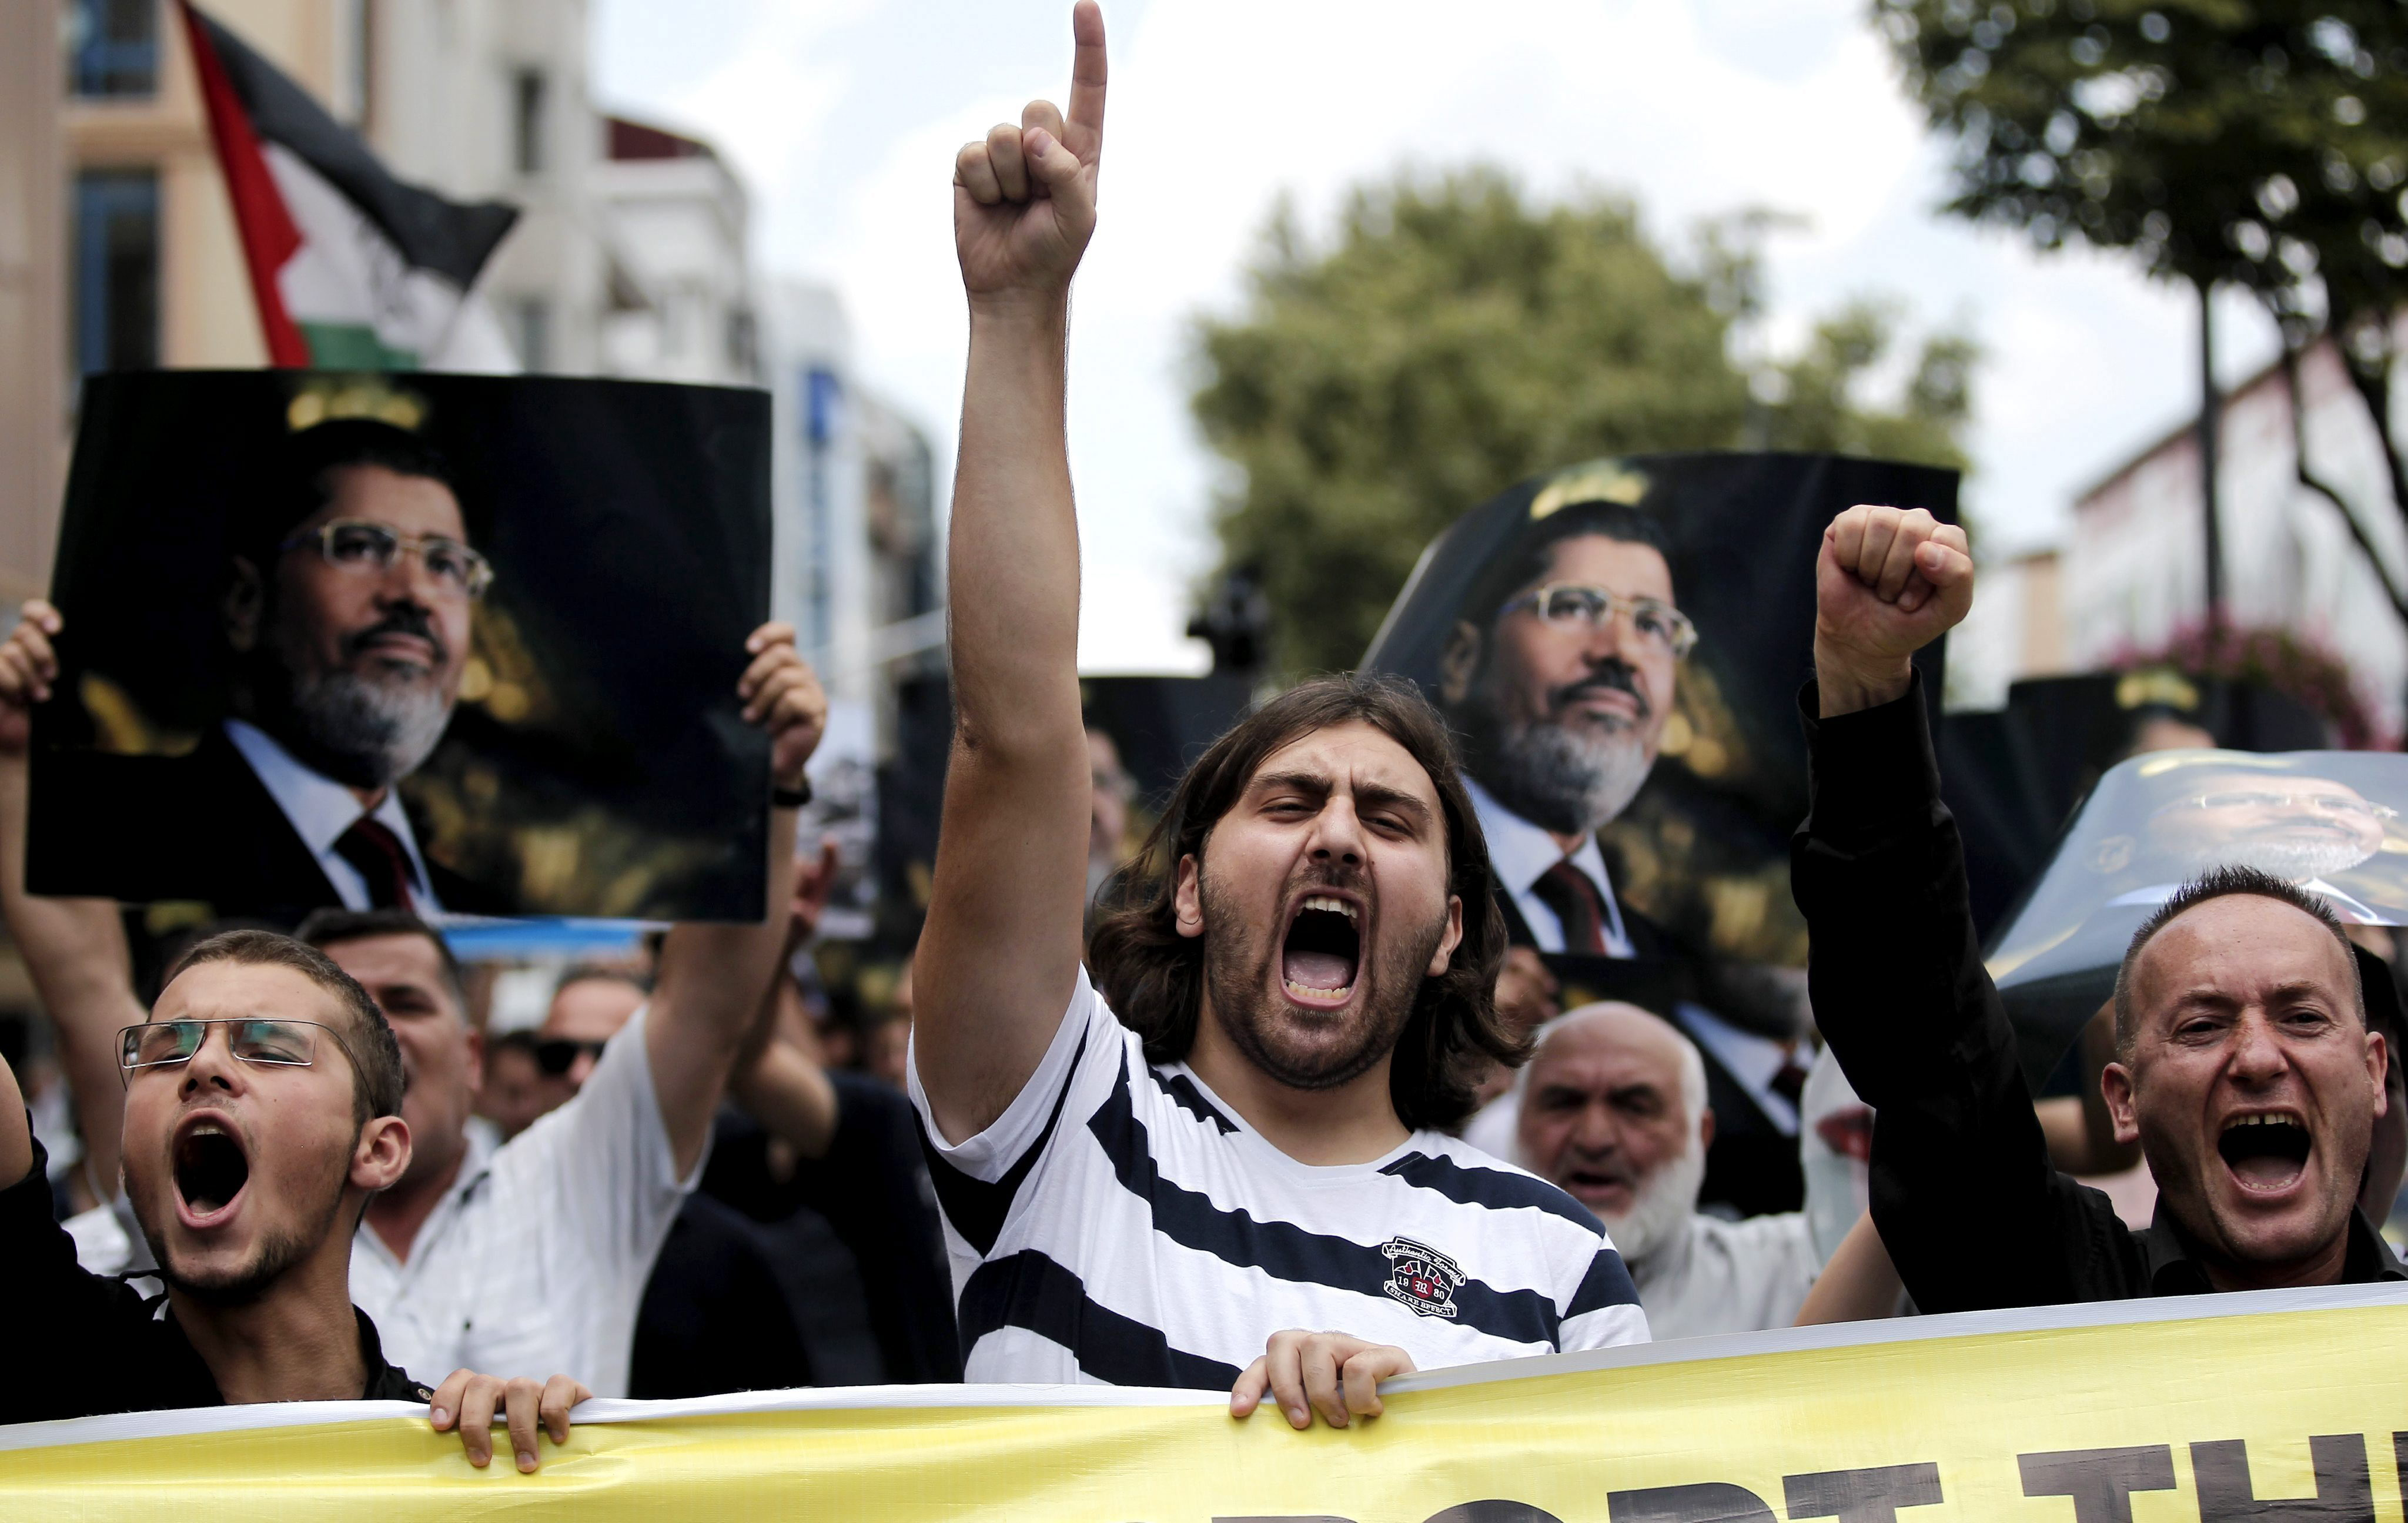 Siguen las protestas y choques con la Policía en Turquía